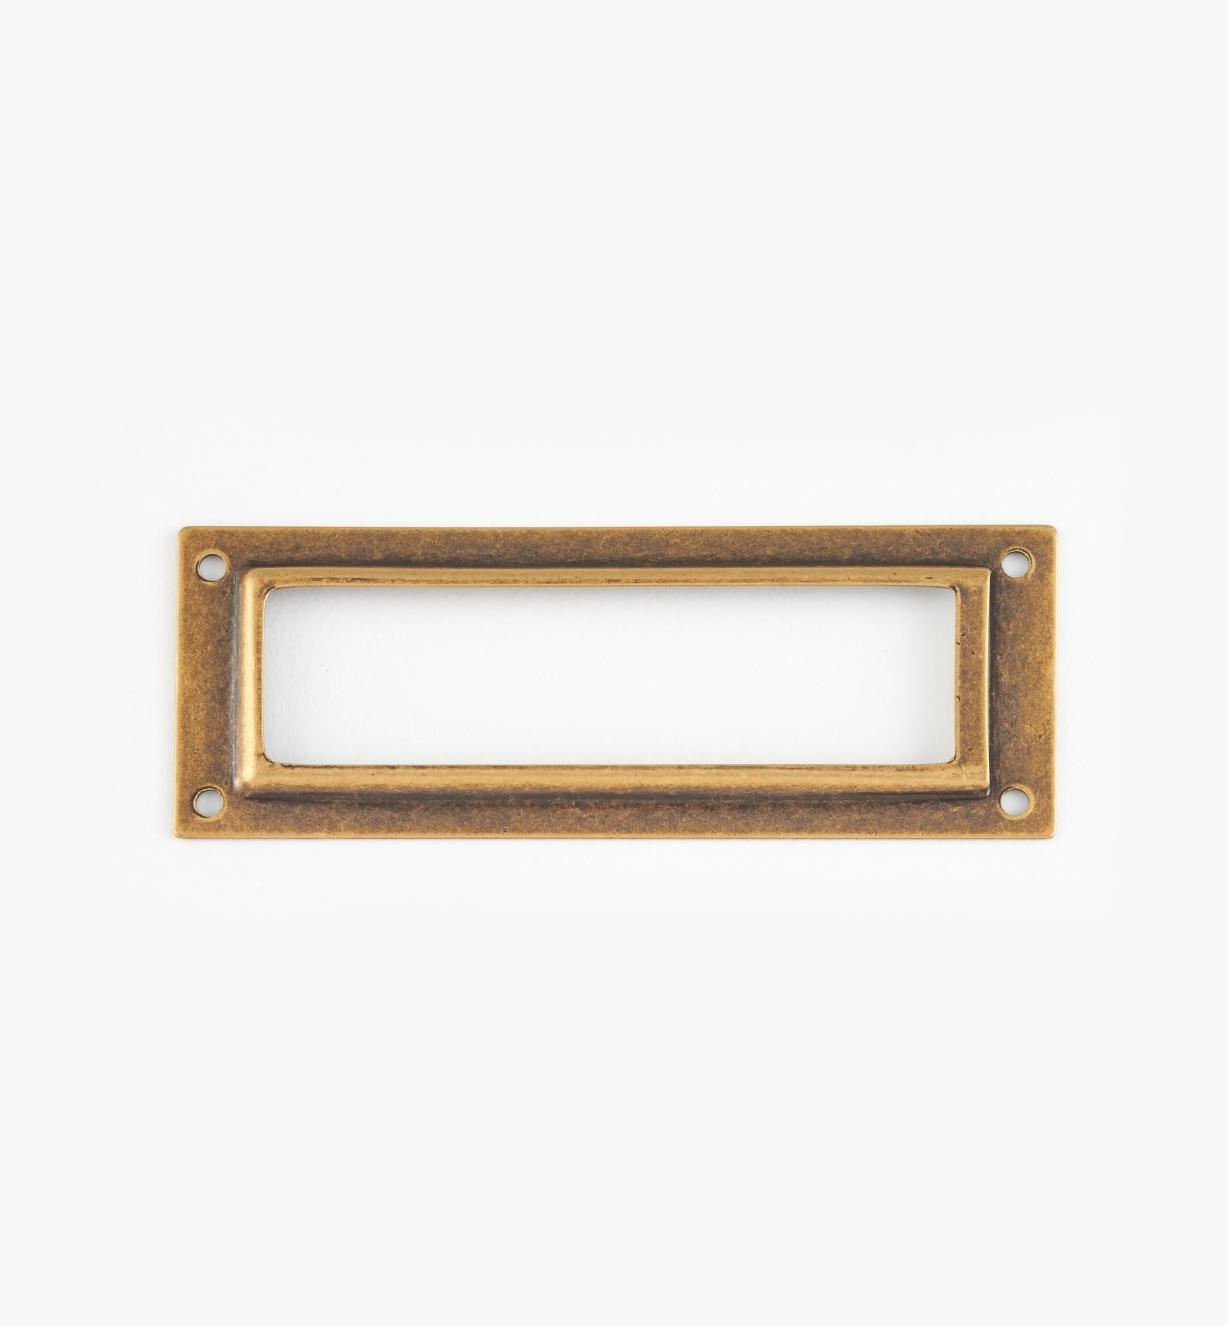 01A5792 - Porte-étiquette en laiton estampé, laiton antique, 80 mm x 29 mm